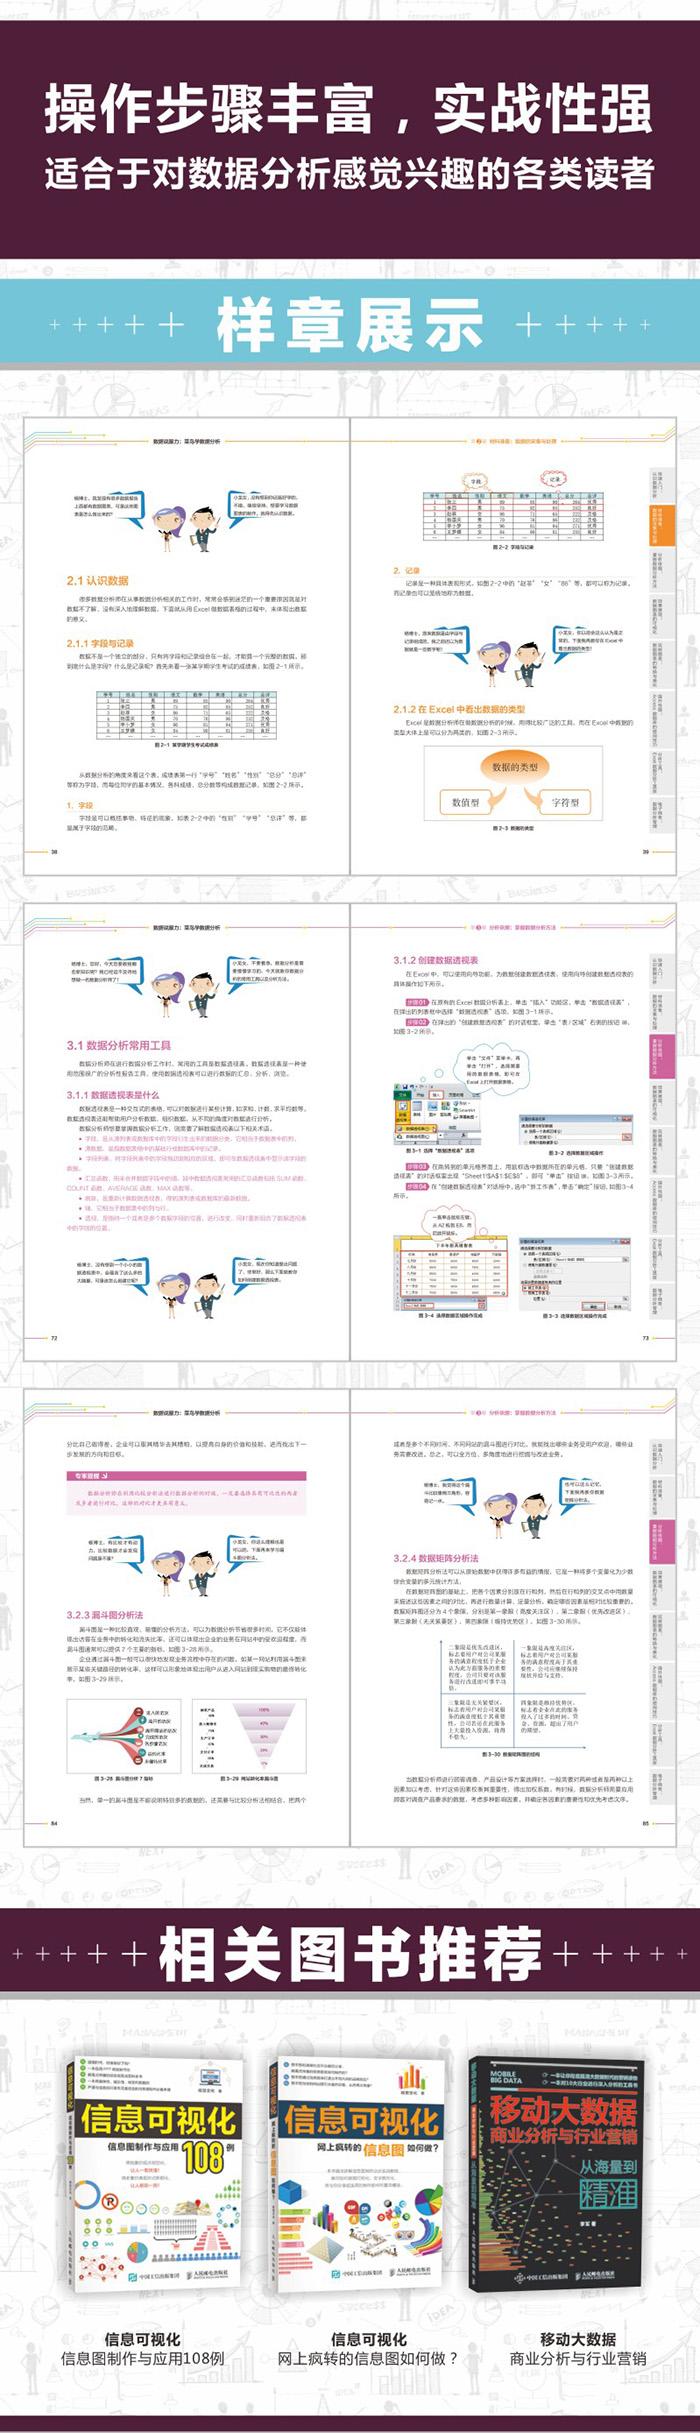 数据说服力 菜鸟学数据分析 PDF下载